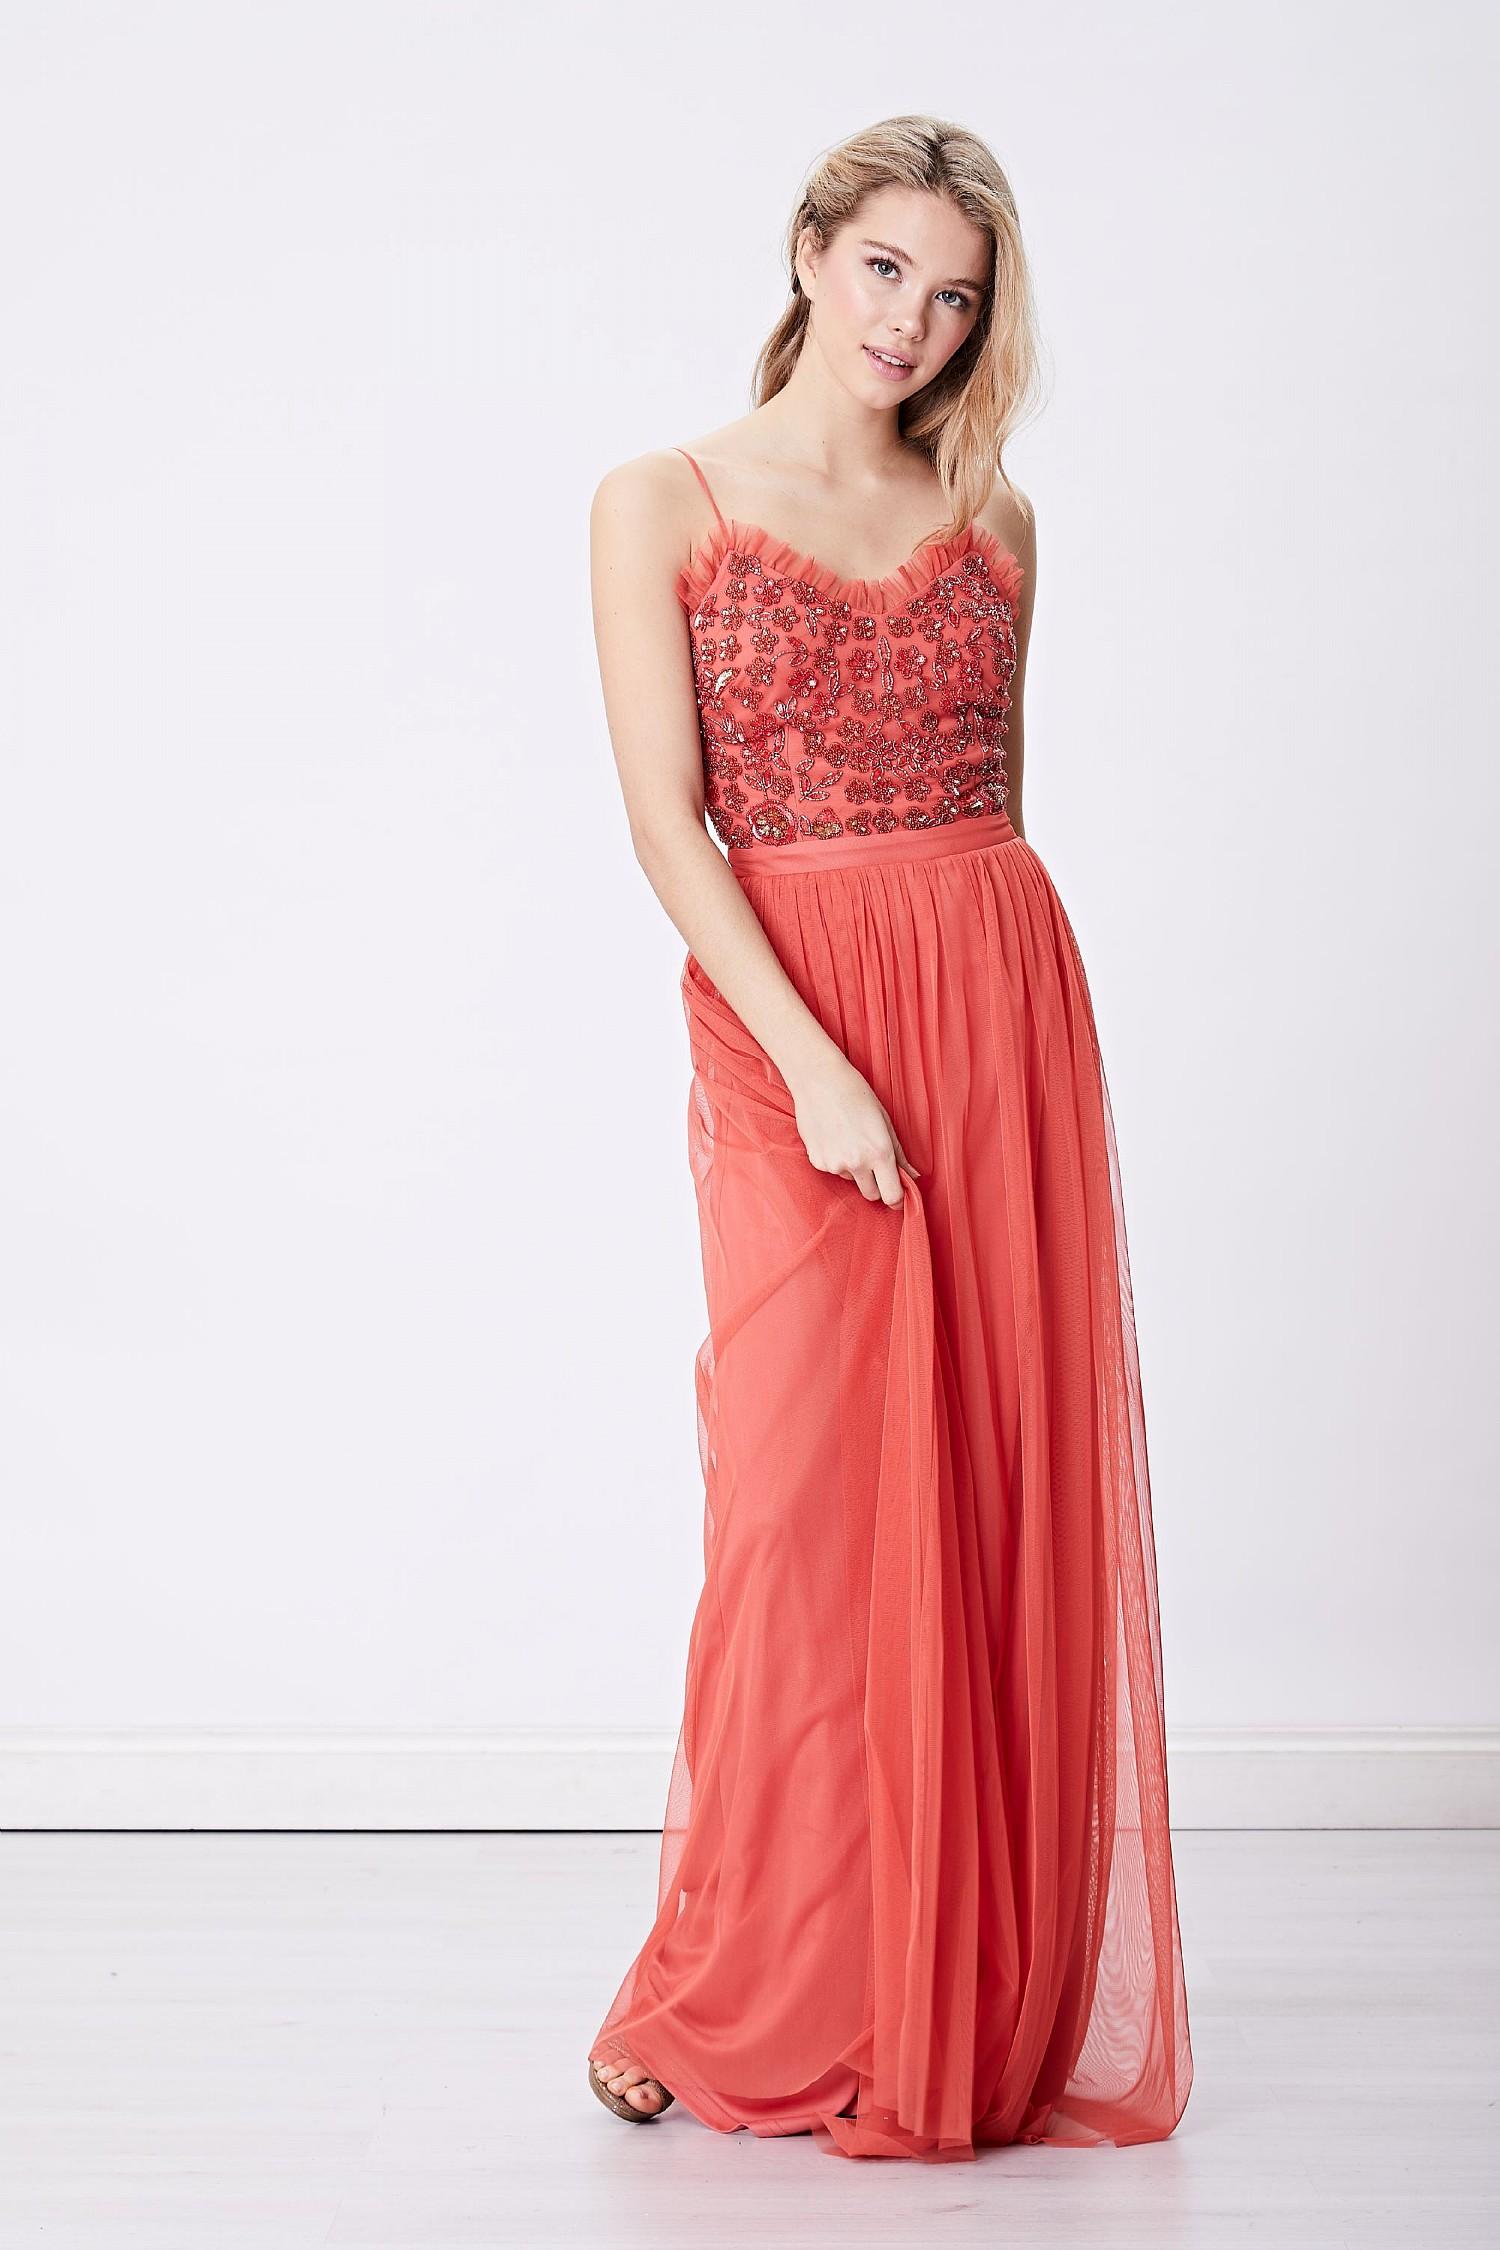 a37d5b1fa7b3 Long Sleeved Embellished Maxi Dress Uk